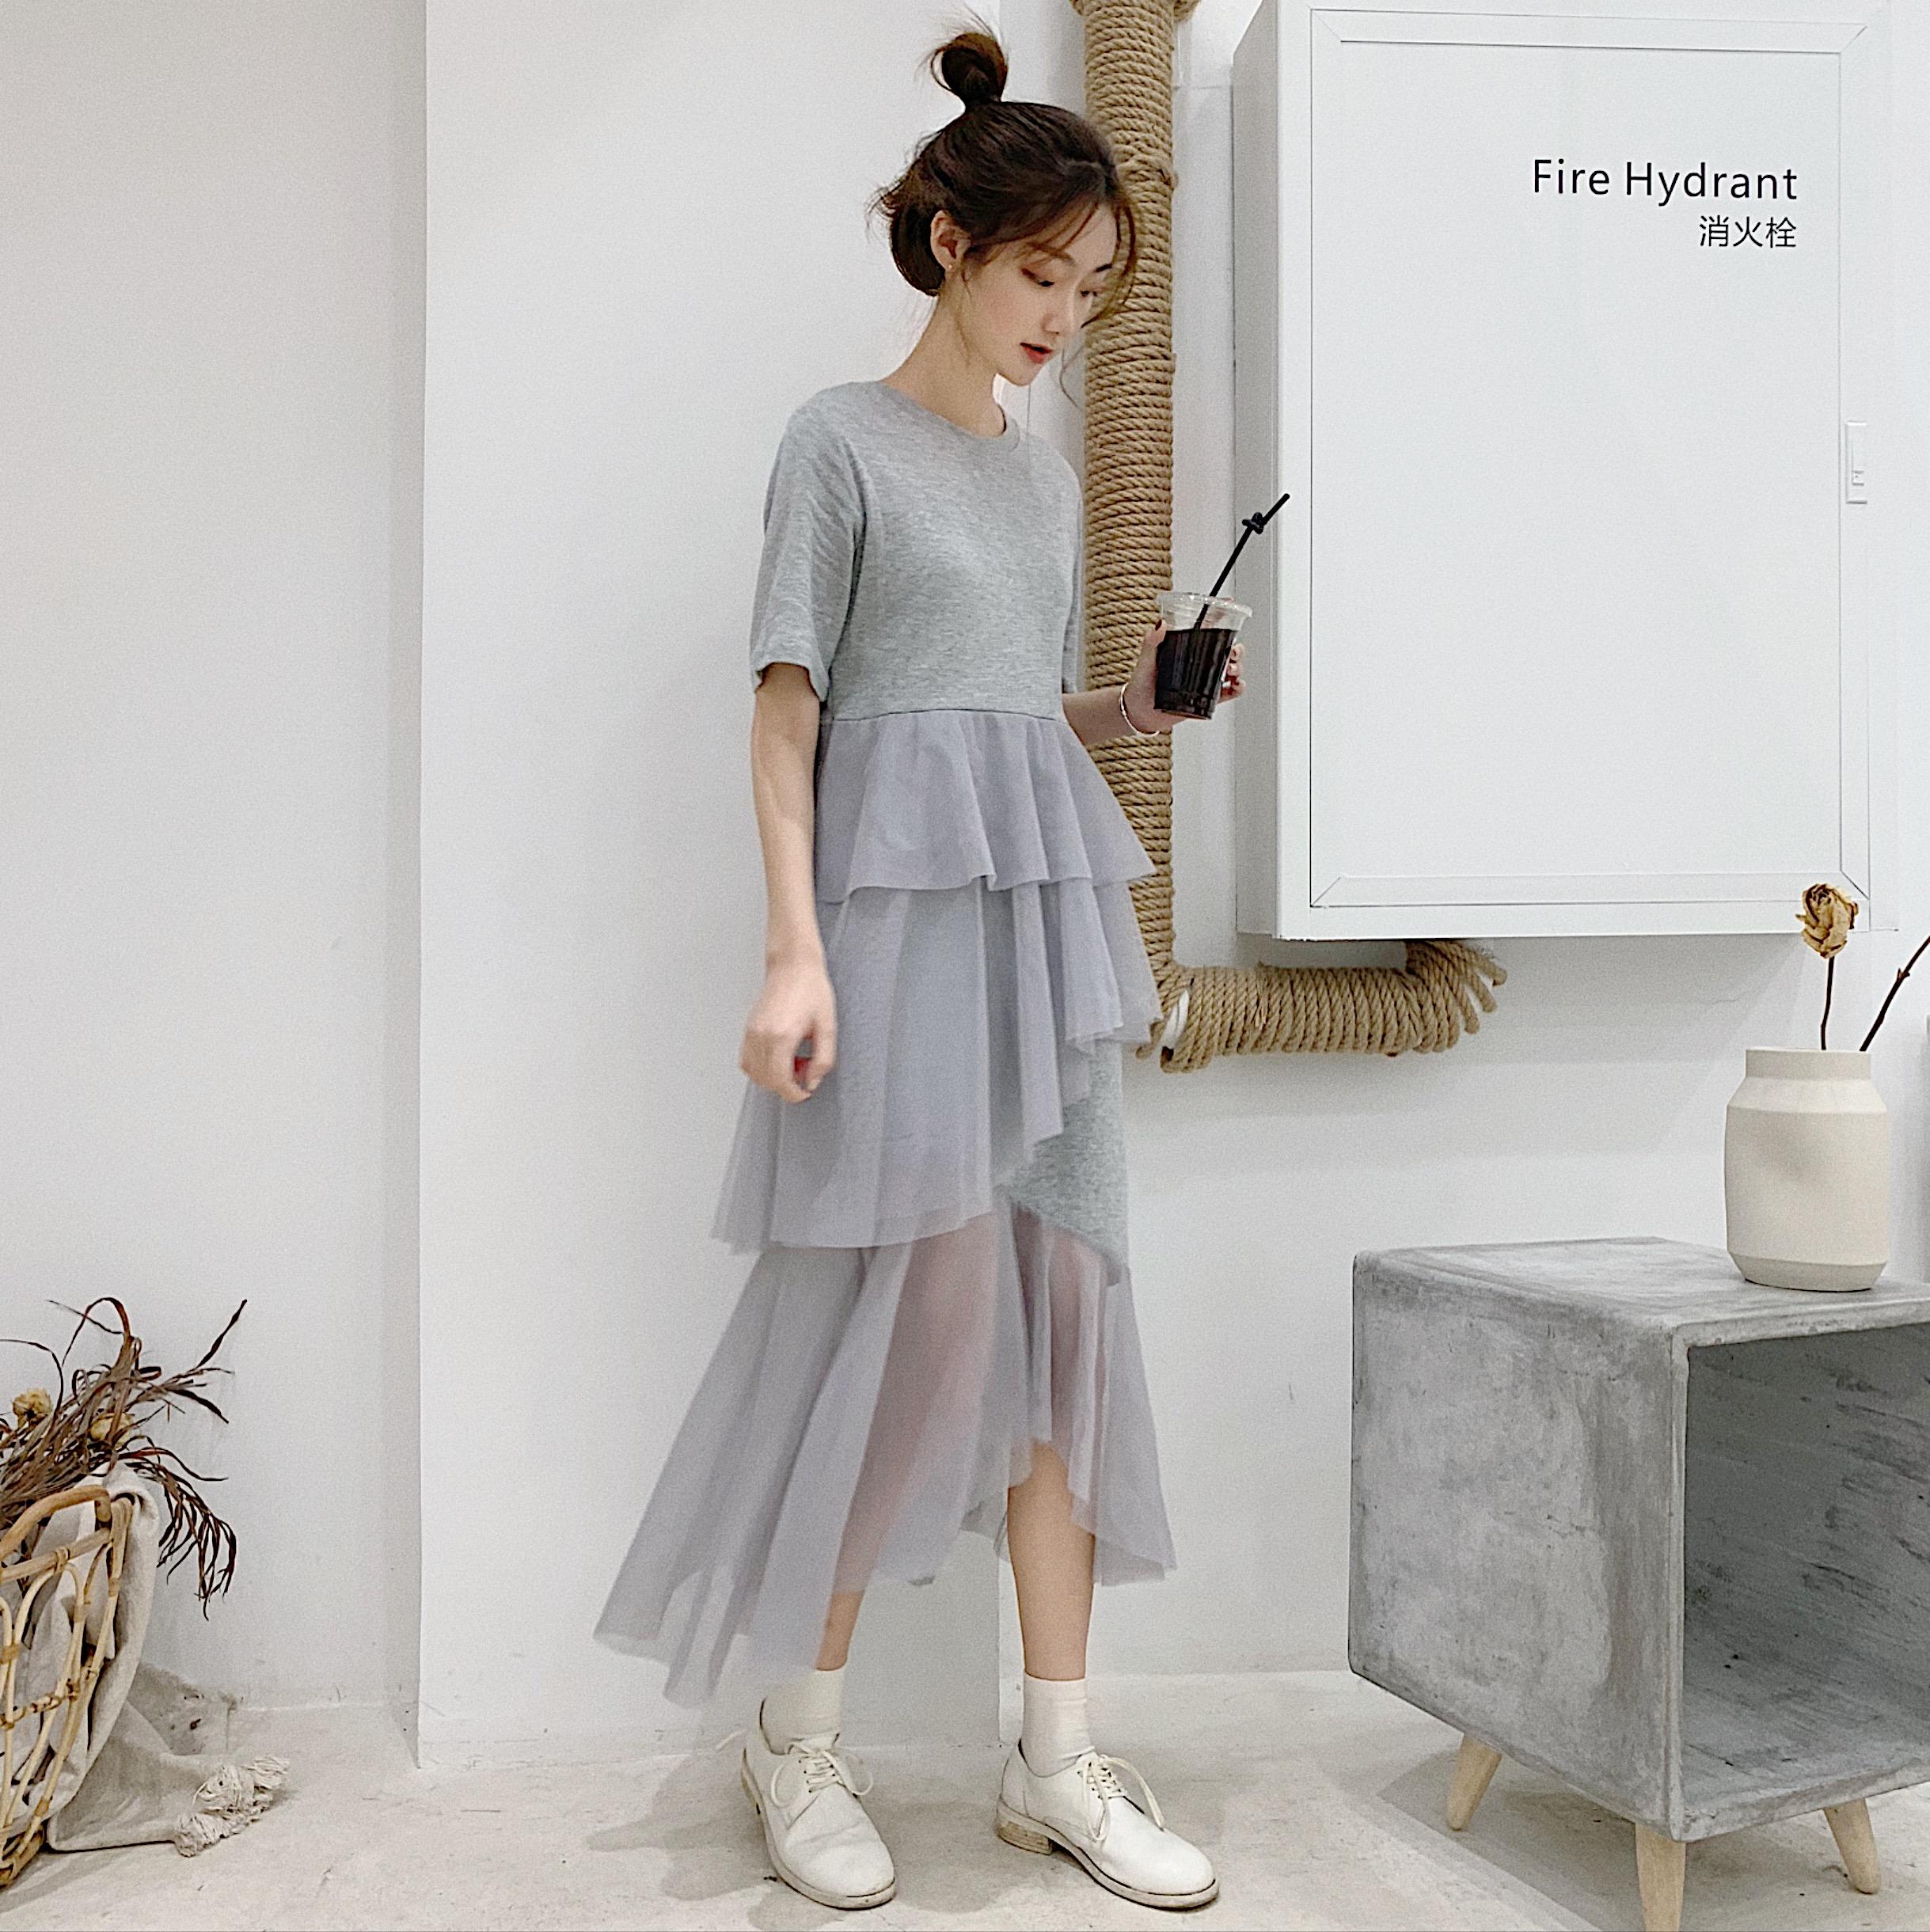 現實拍實價~2019春夏季新款韓版短袖不規則連衣裙拼接網紗裙